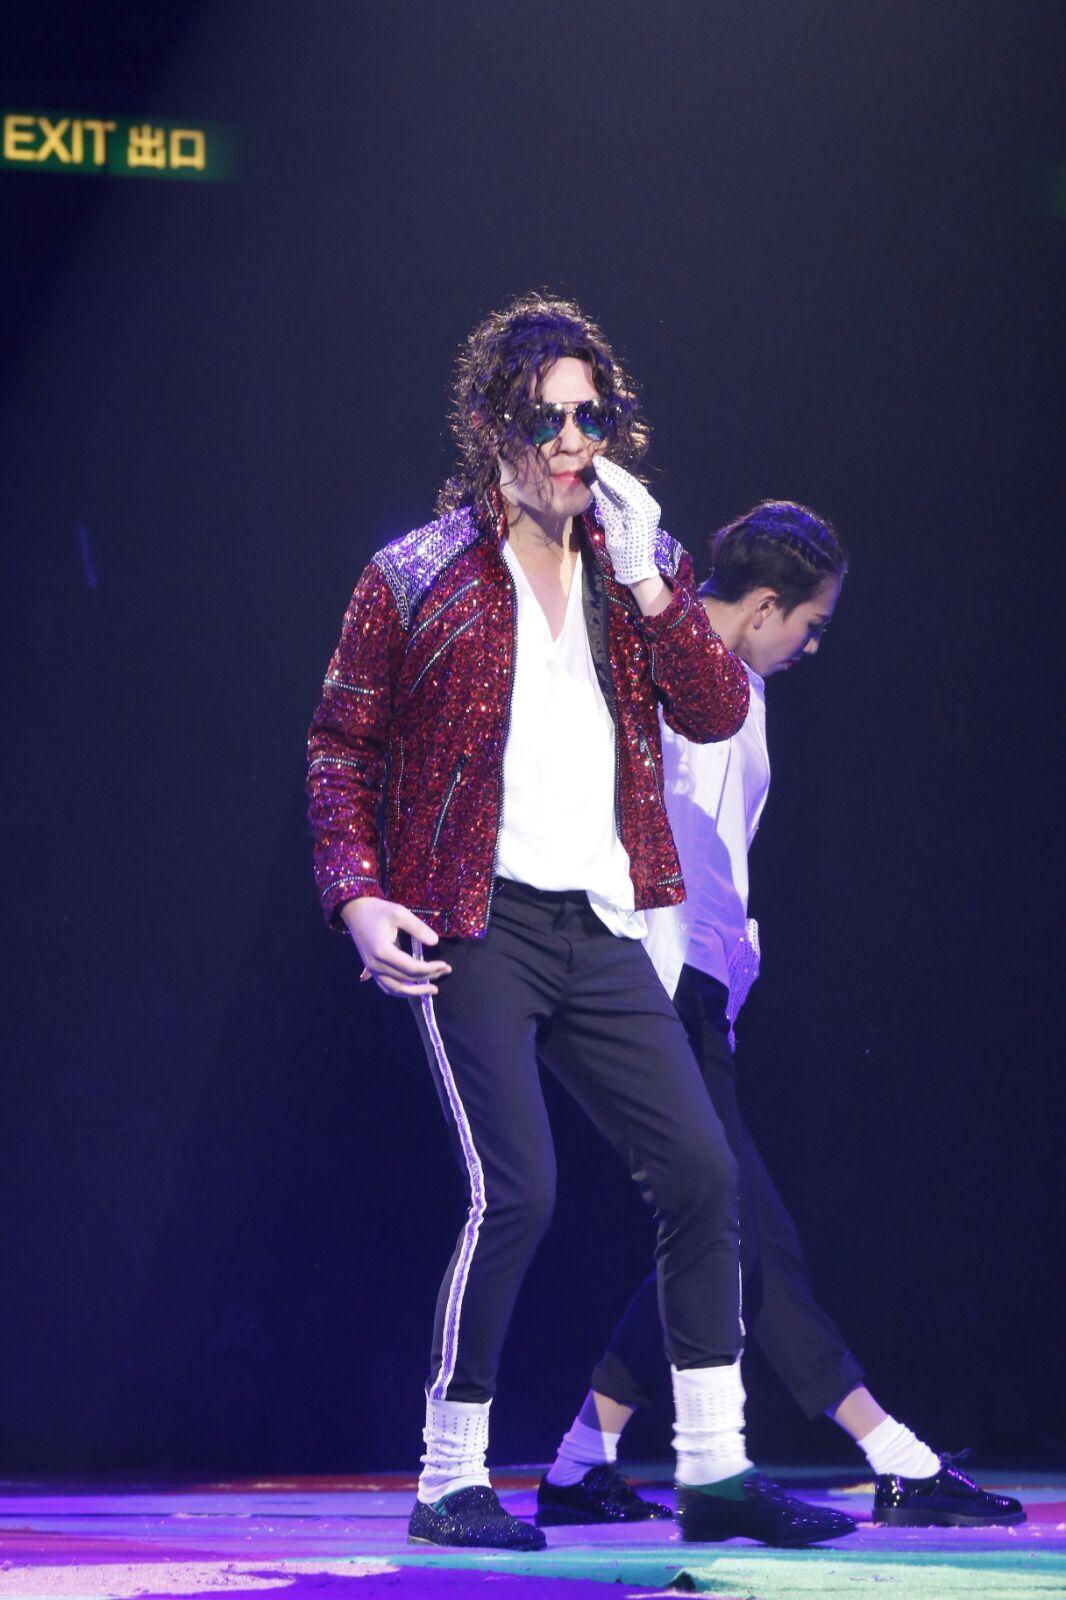 MJ又似唔似?